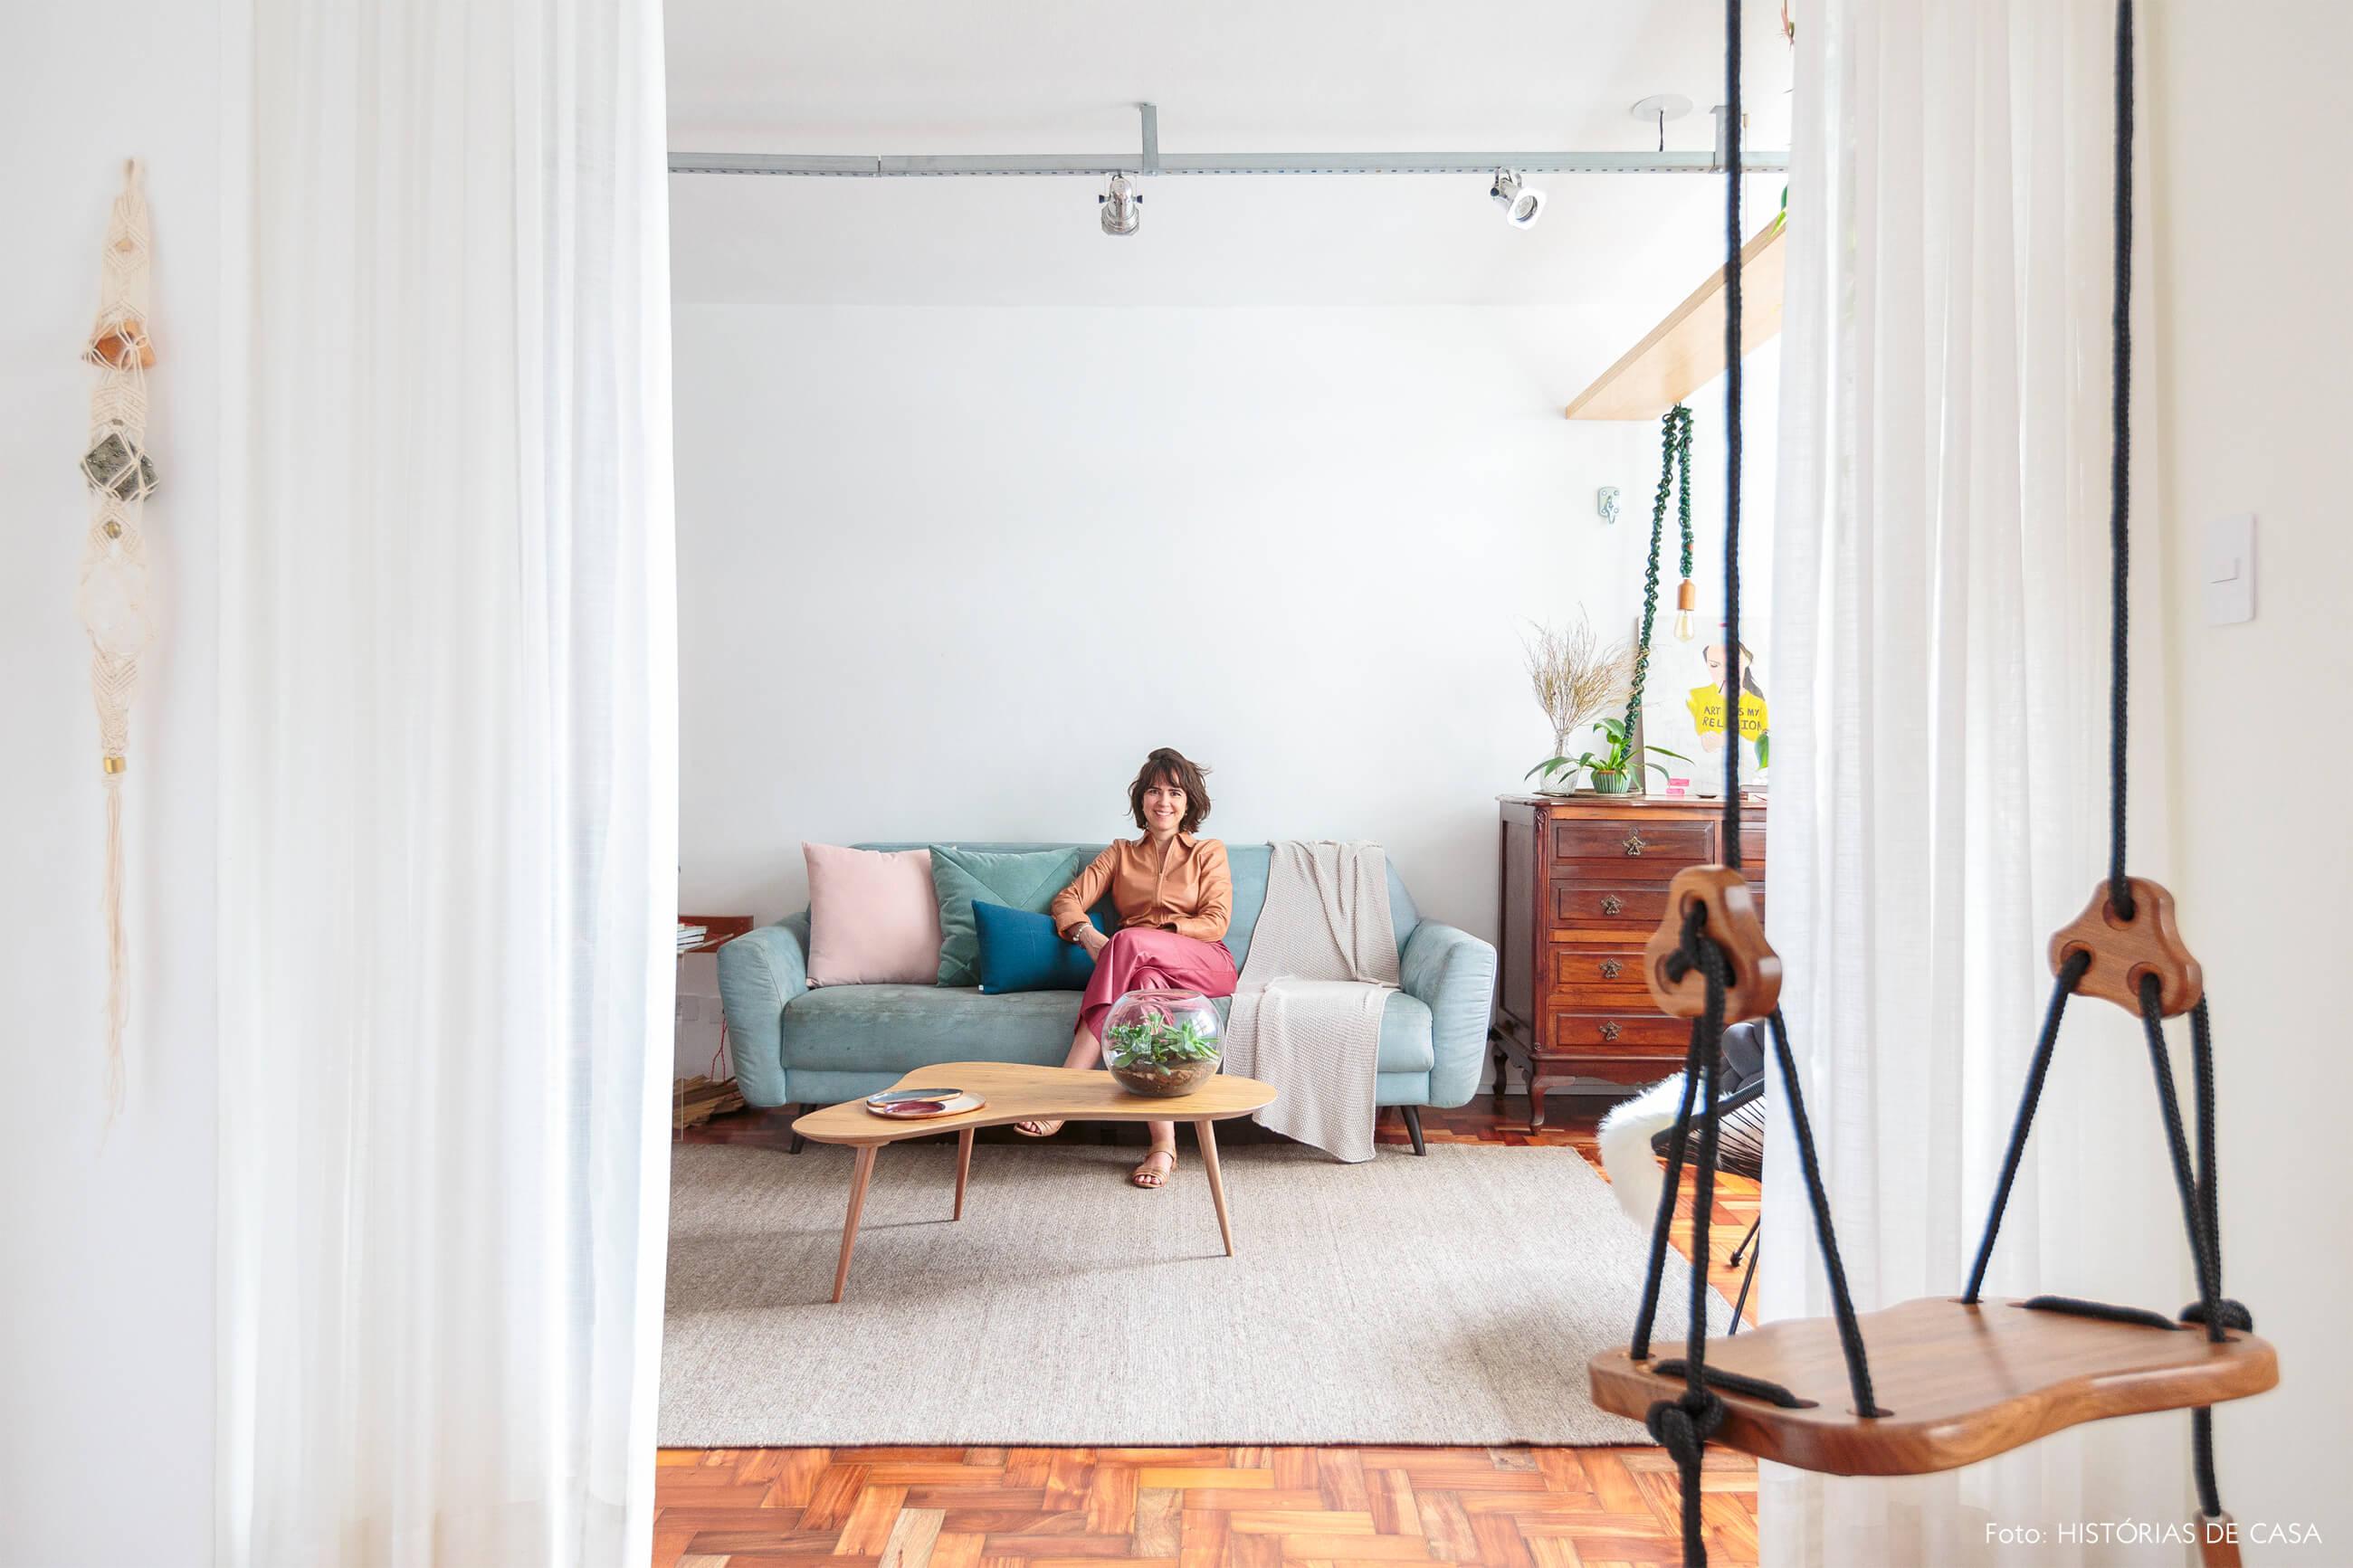 sala-sofa-azul-tapete-bege-retrato-balanço-madeira-mesa-curva-madeira